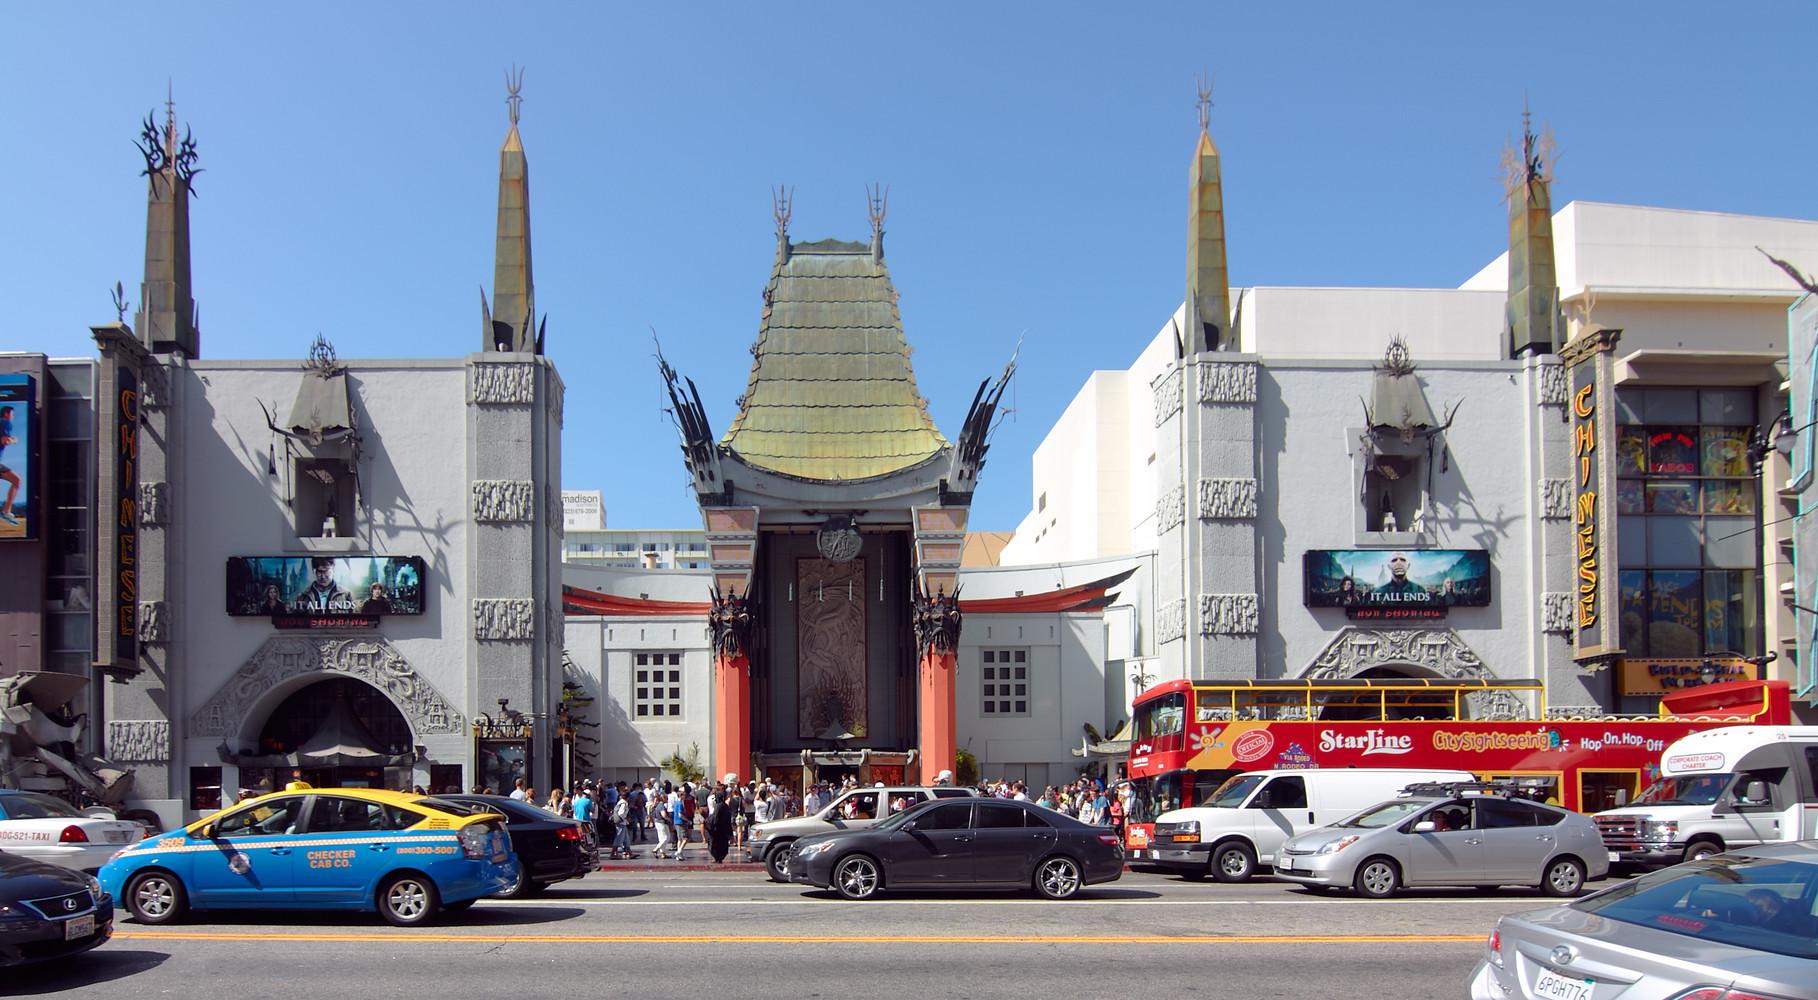 """Das """"Chinese Theater"""" wird in einigen Folgen erwähnt. In """"Feuermond"""" stoßen die die drei ??? hier z.B. auf ihe Widersacherin Brittany."""